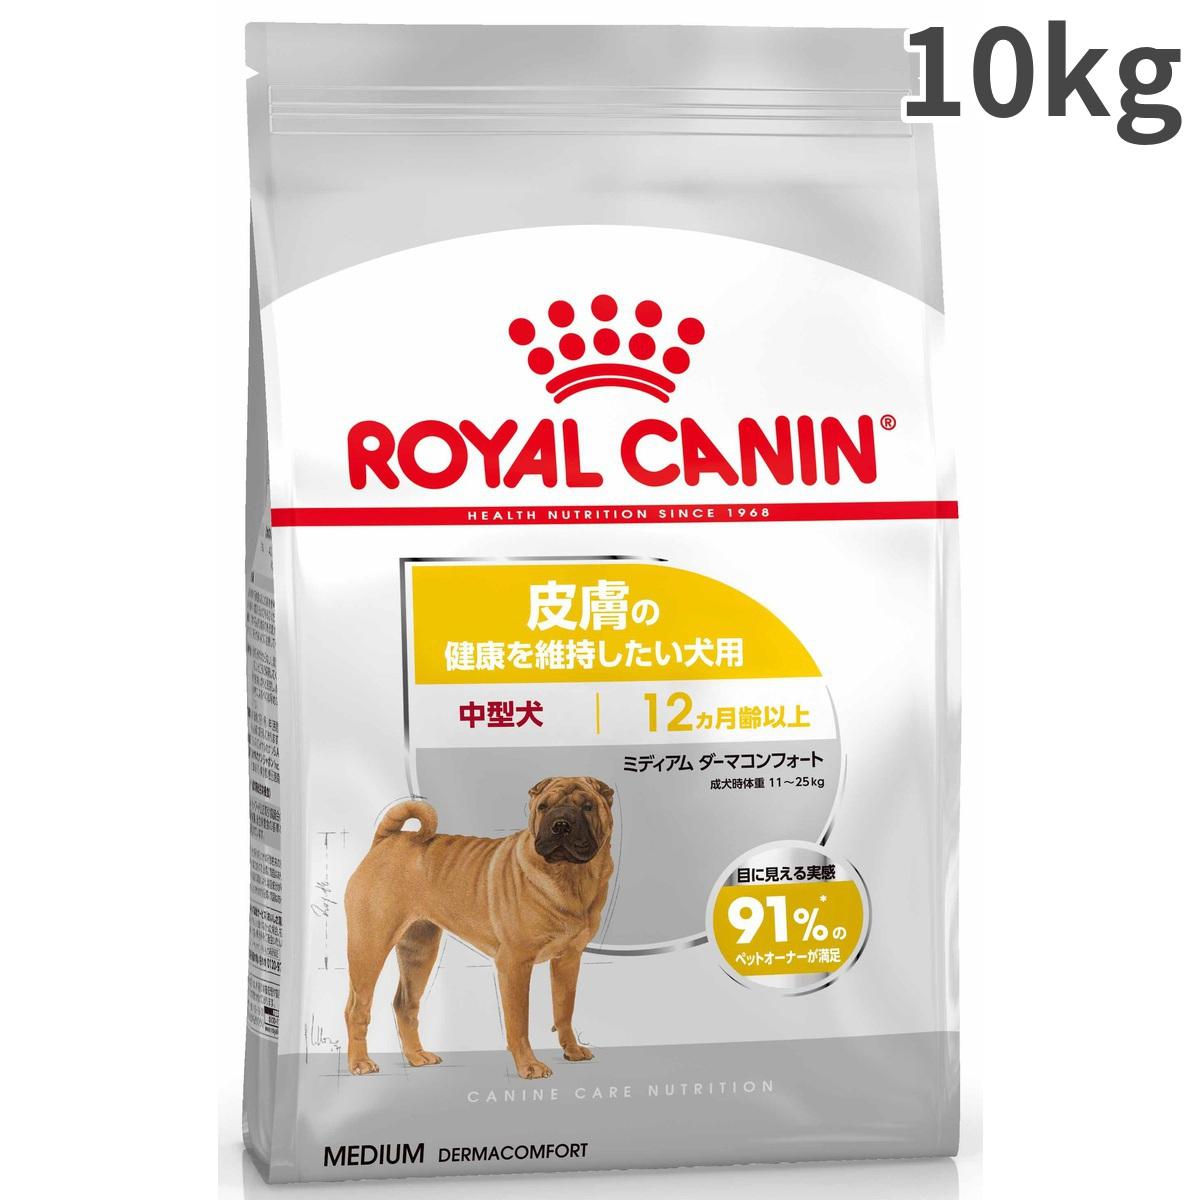 ロイヤルカナン ミディアム ダーマコンフォート 成犬・高齢犬用 10kg【送料無料】